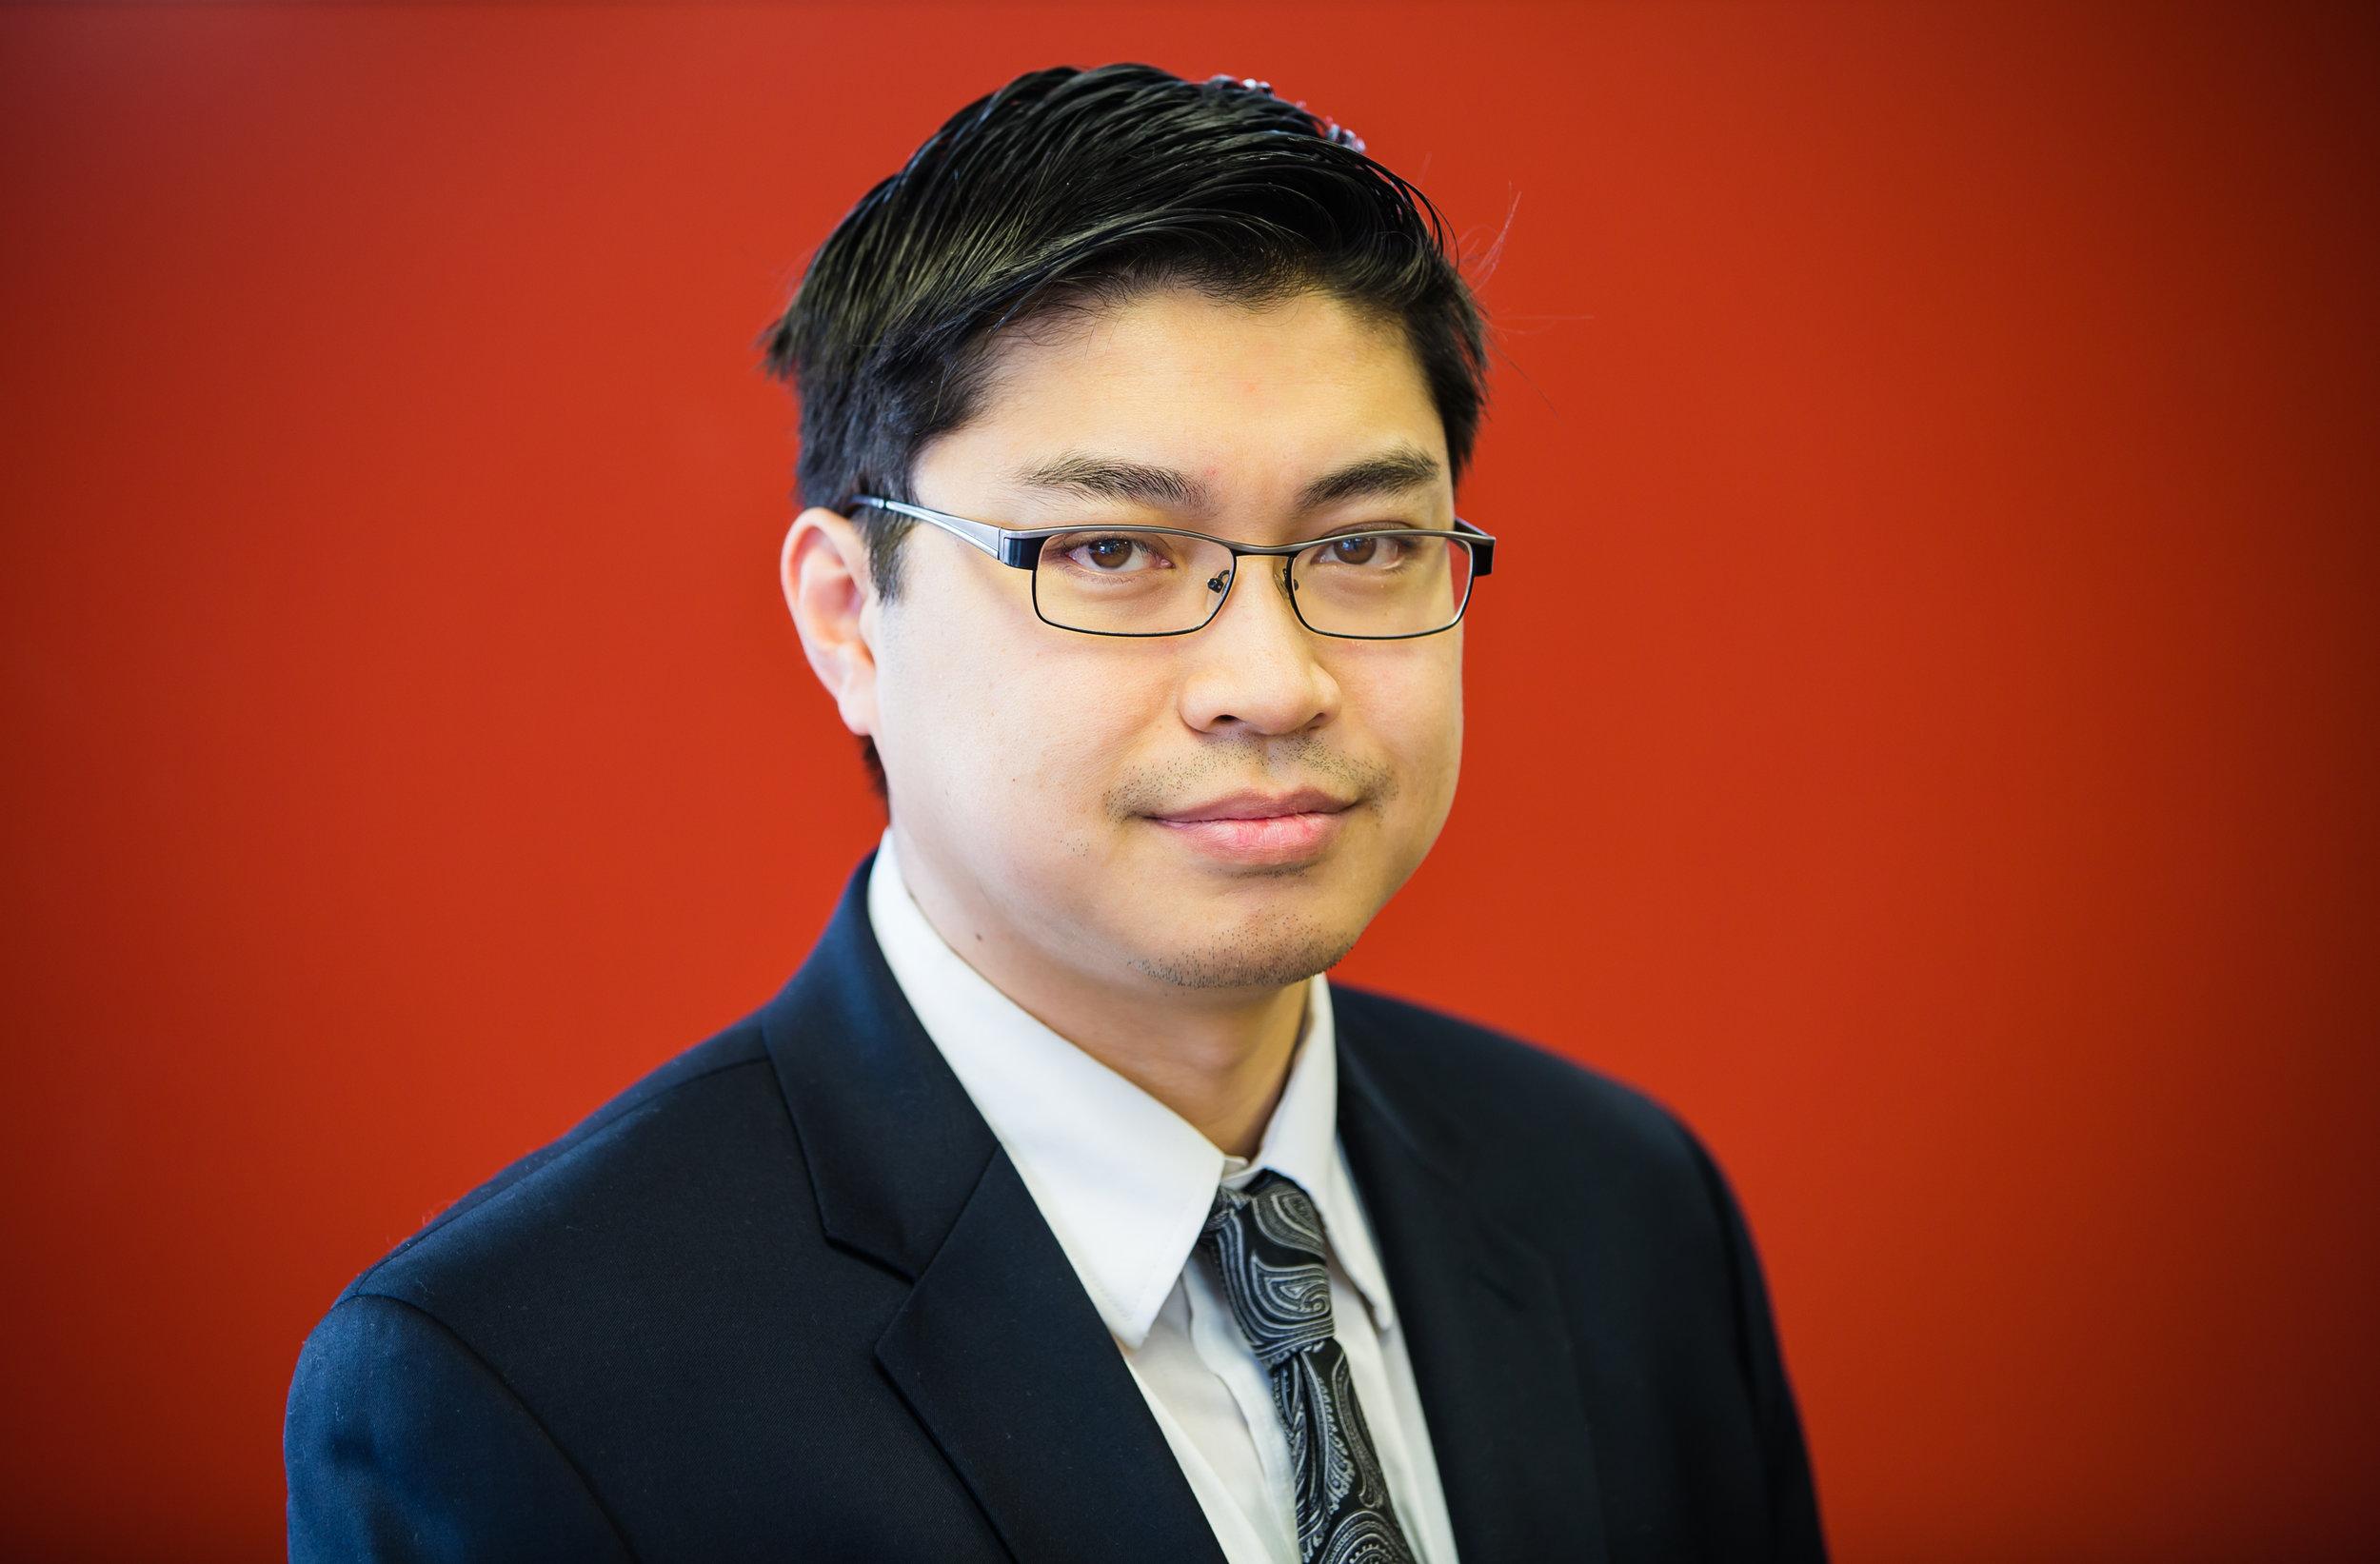 Image Of Bao Nguyen